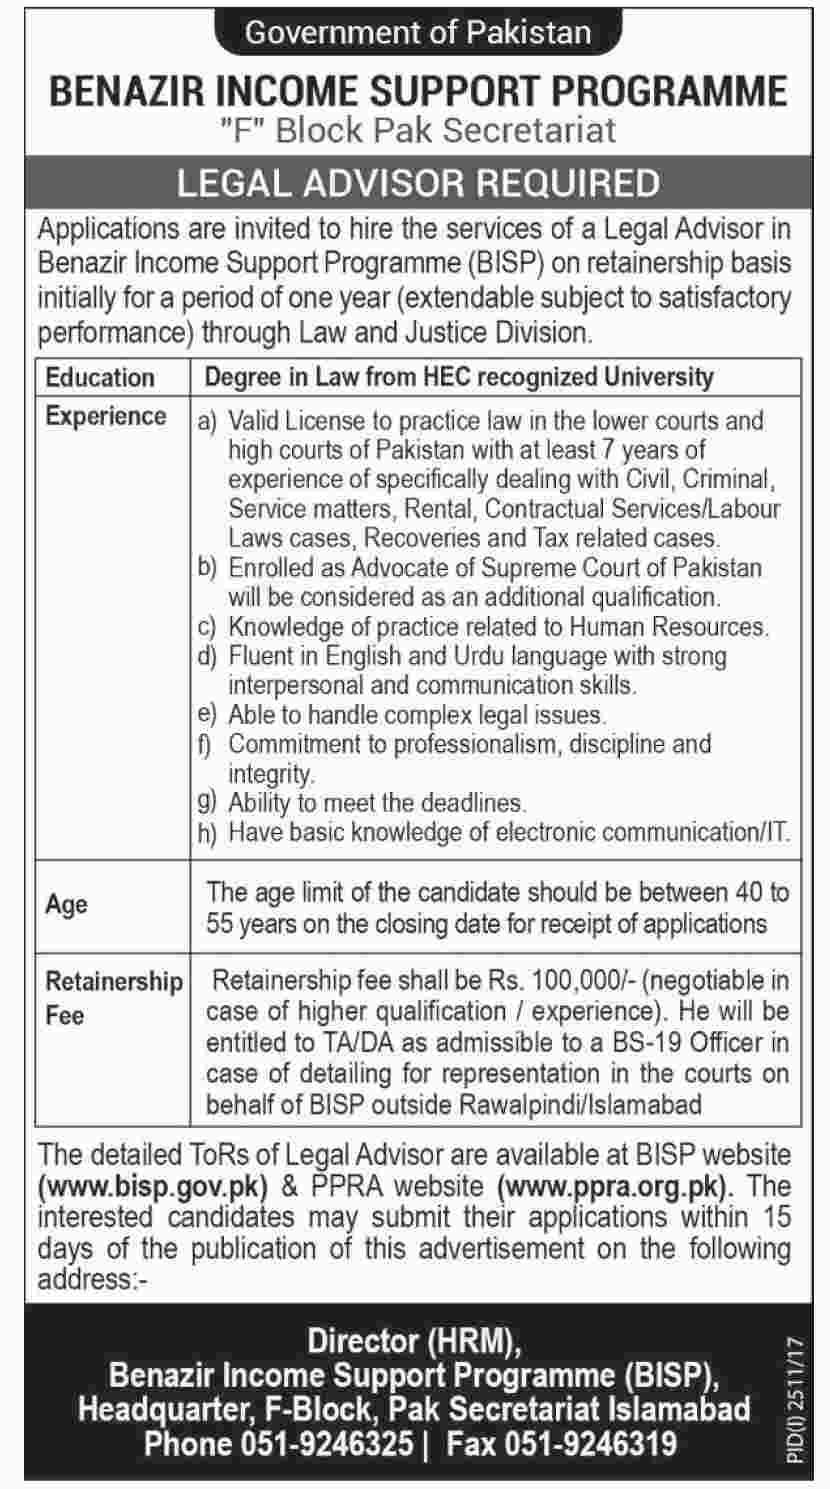 bisp-dw-jn Online Govt Job Form Submit on